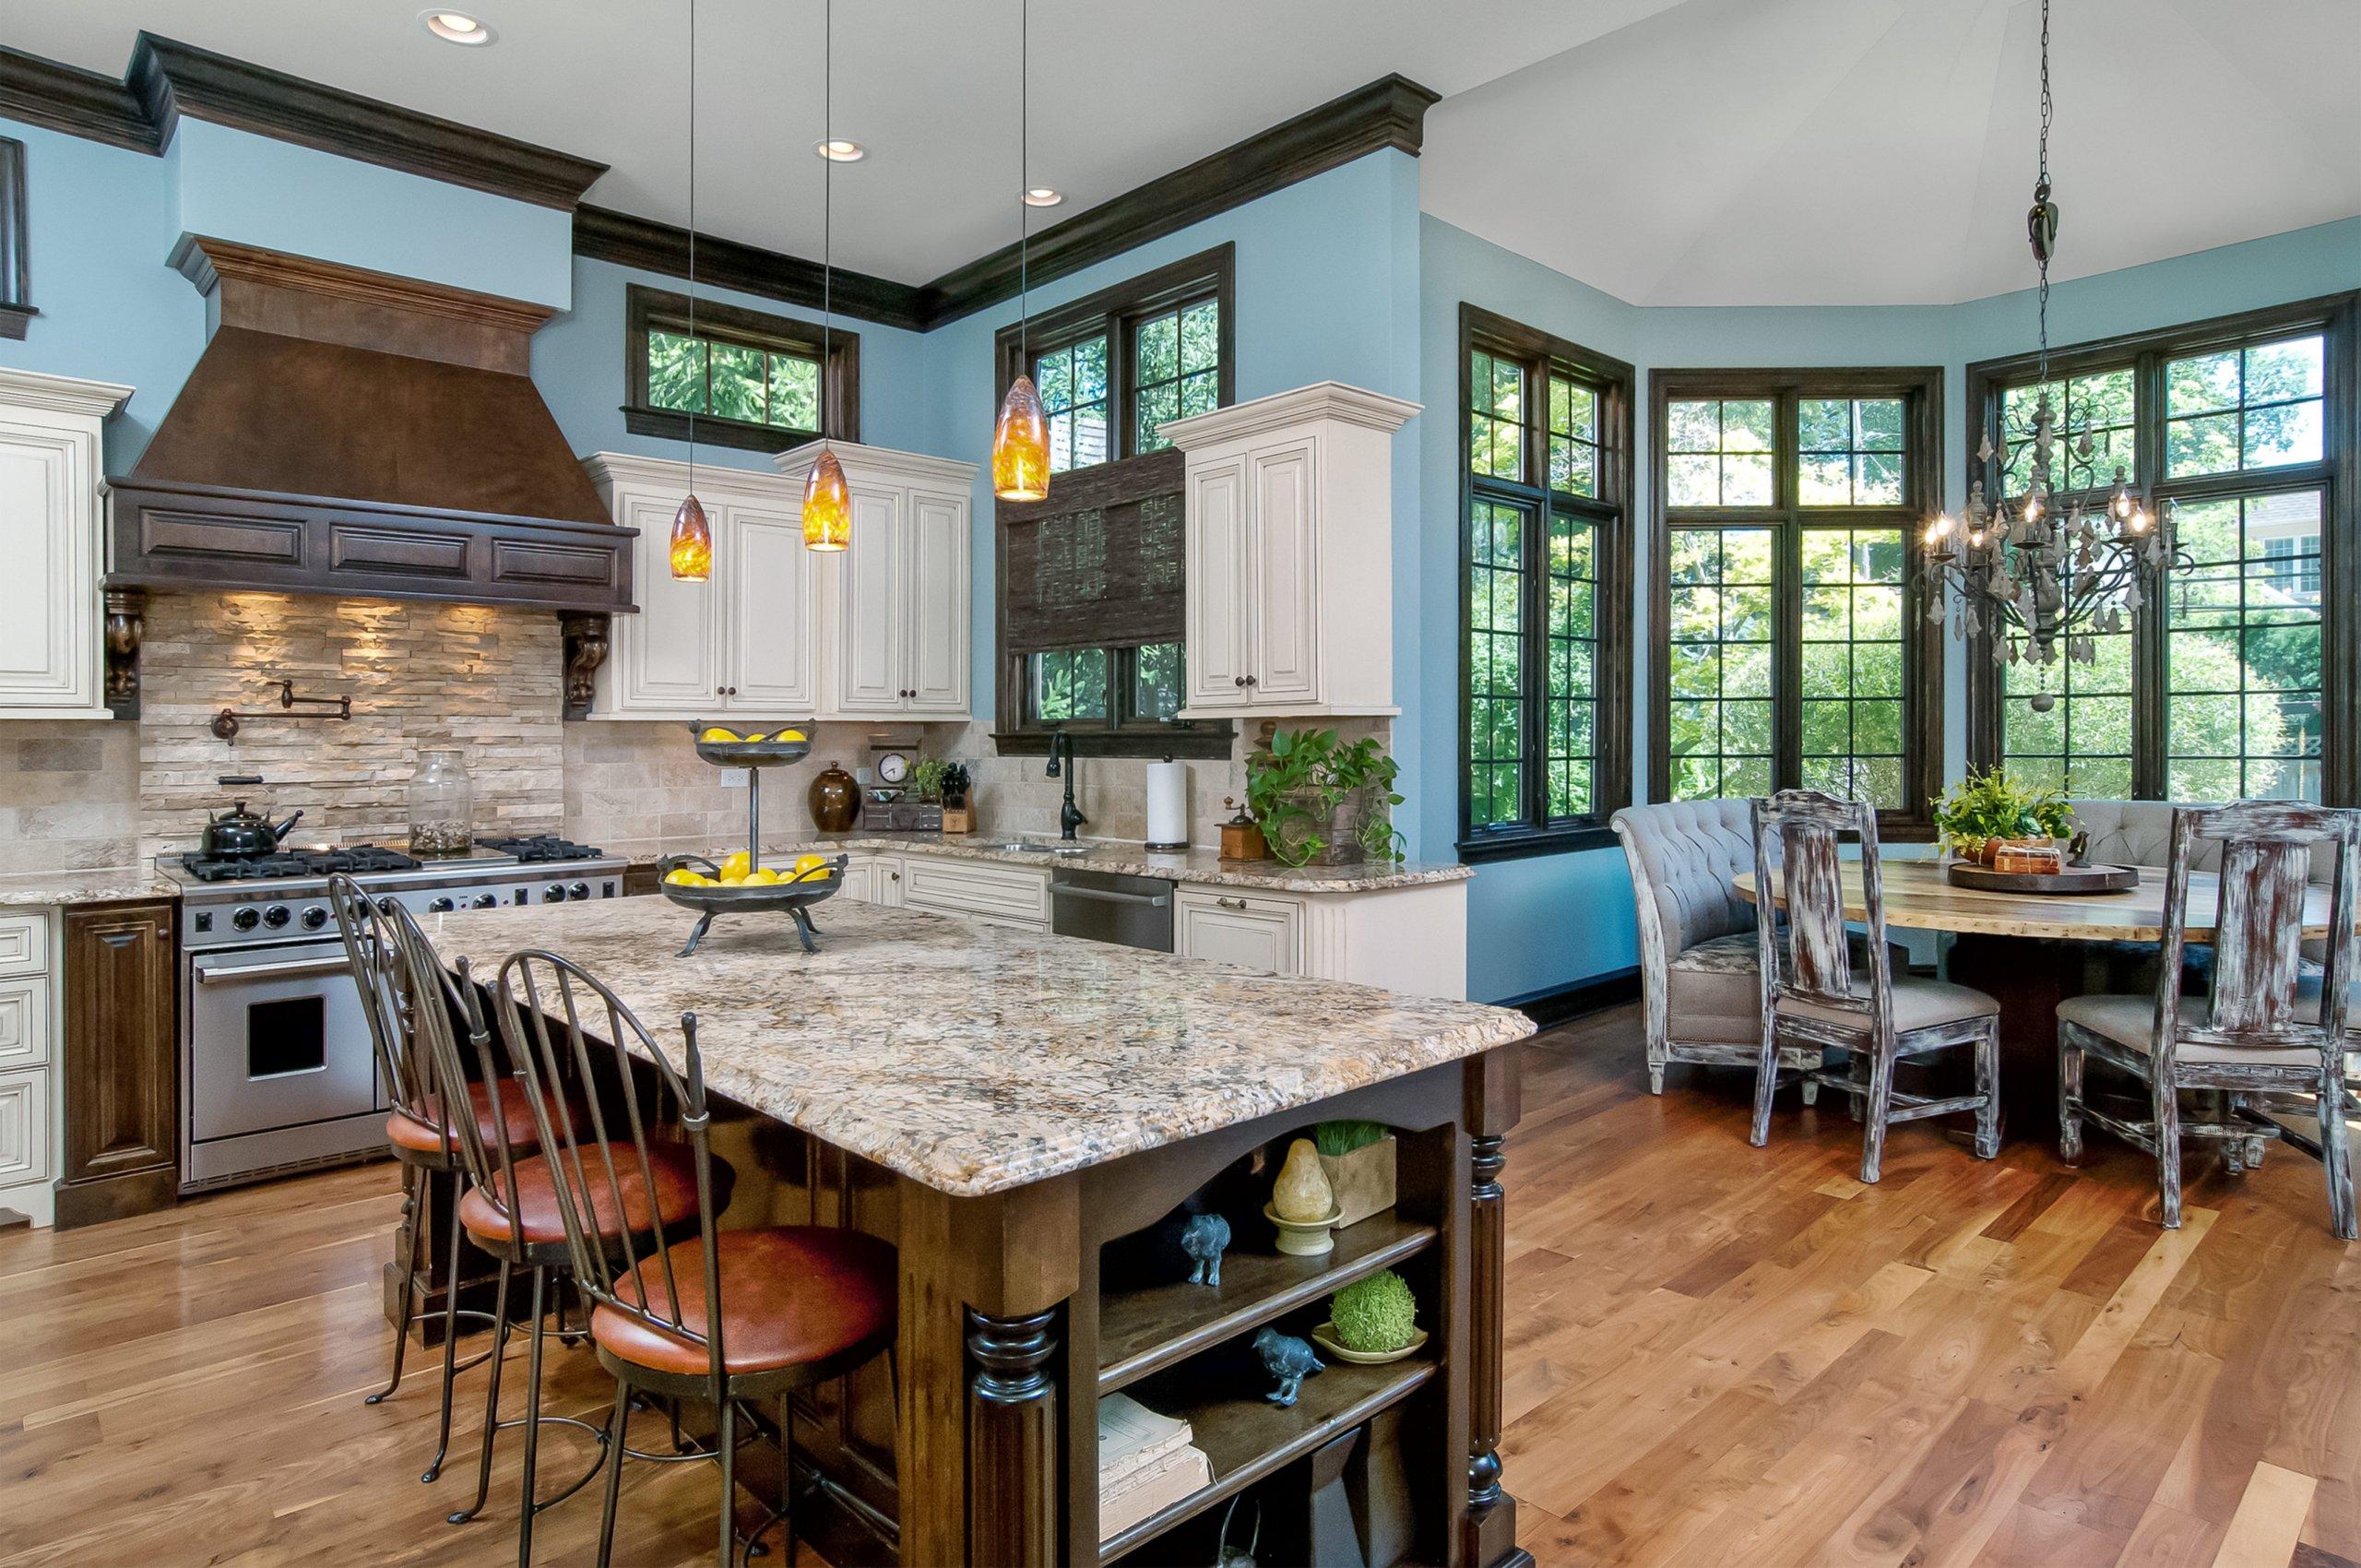 610 N. Eagle kitchen